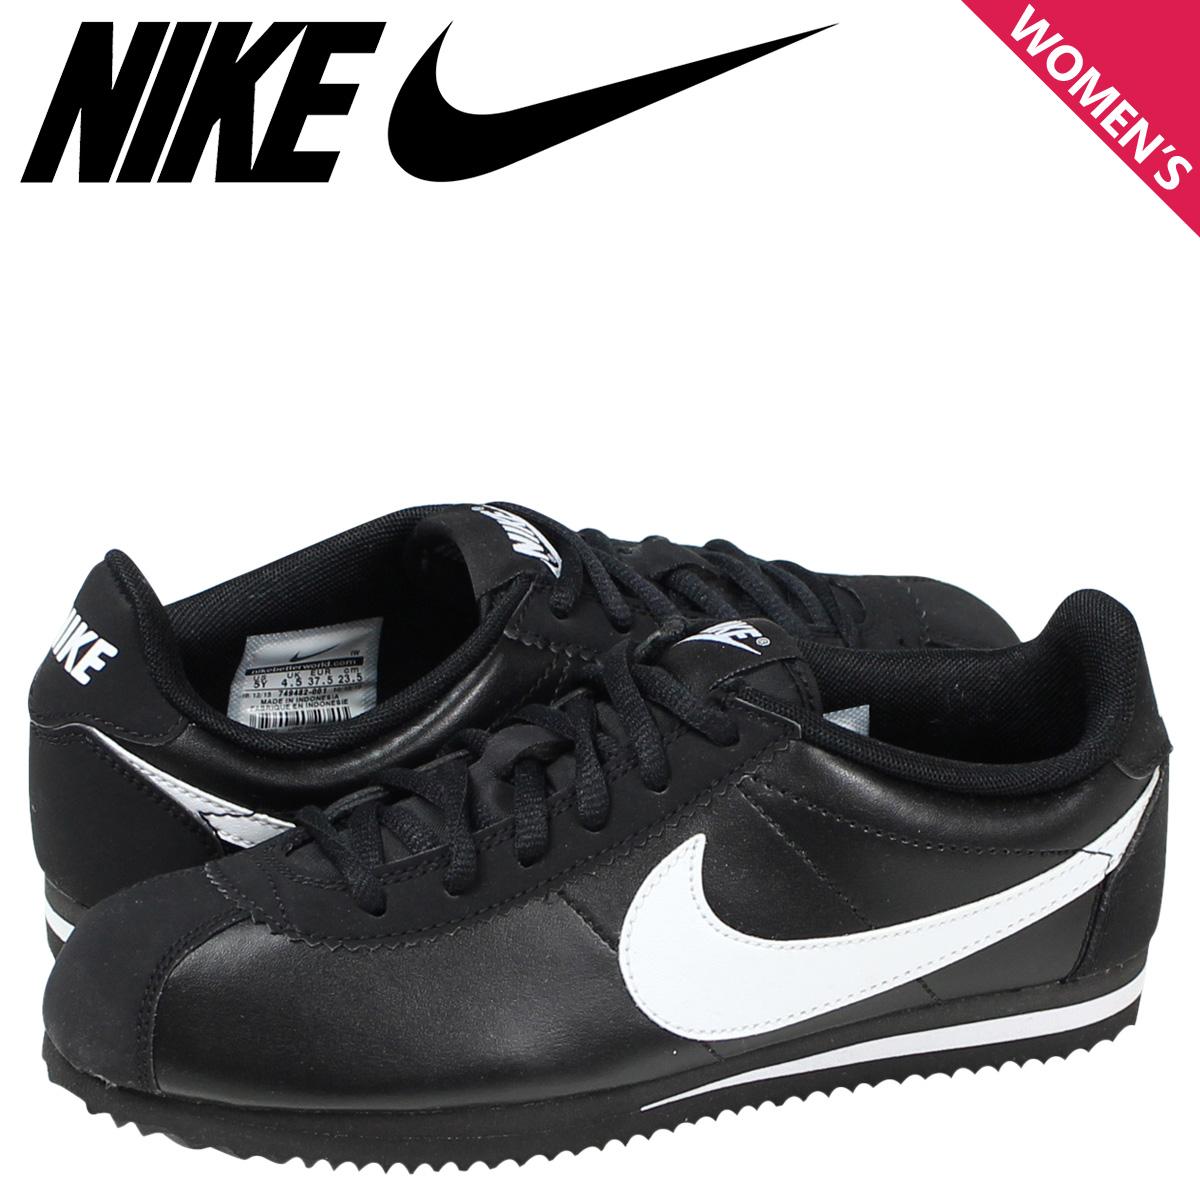 ac841f19fb8c9 cortez shoes black online > OFF33% Discounts